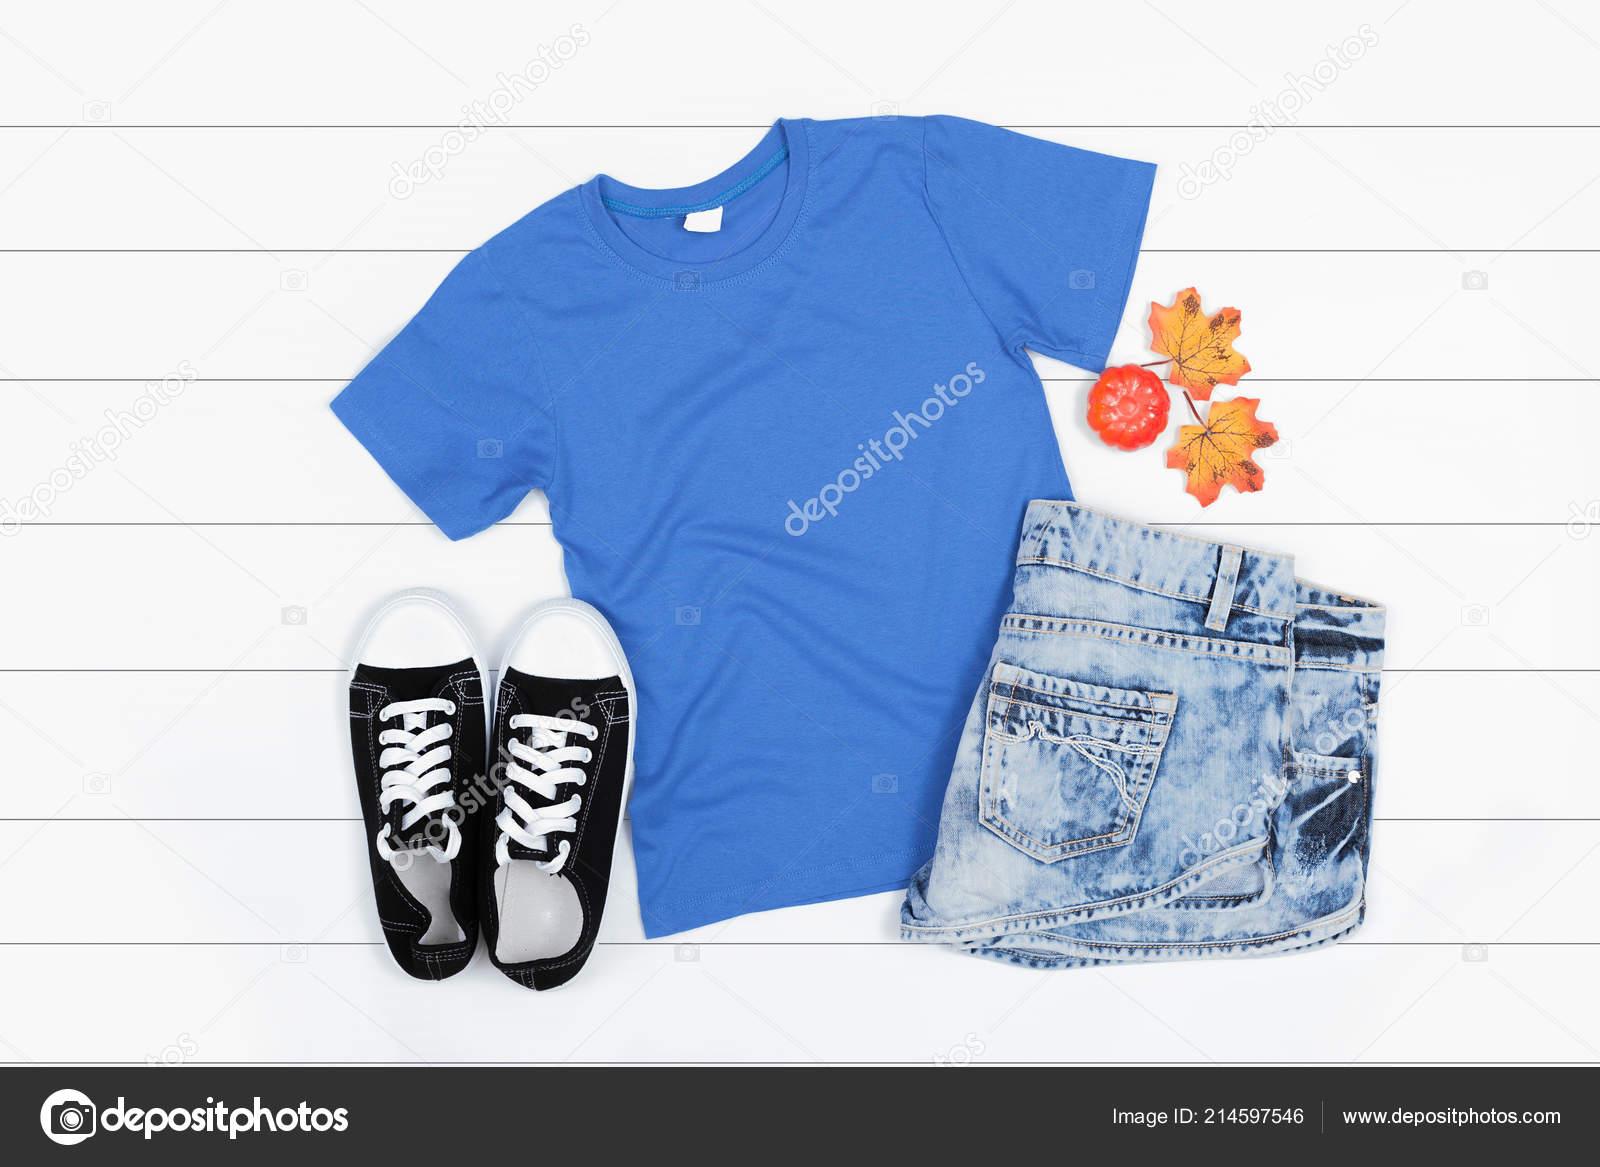 Blue Short Sleeve Shirt Mockup White Wooden Background Flat Lay